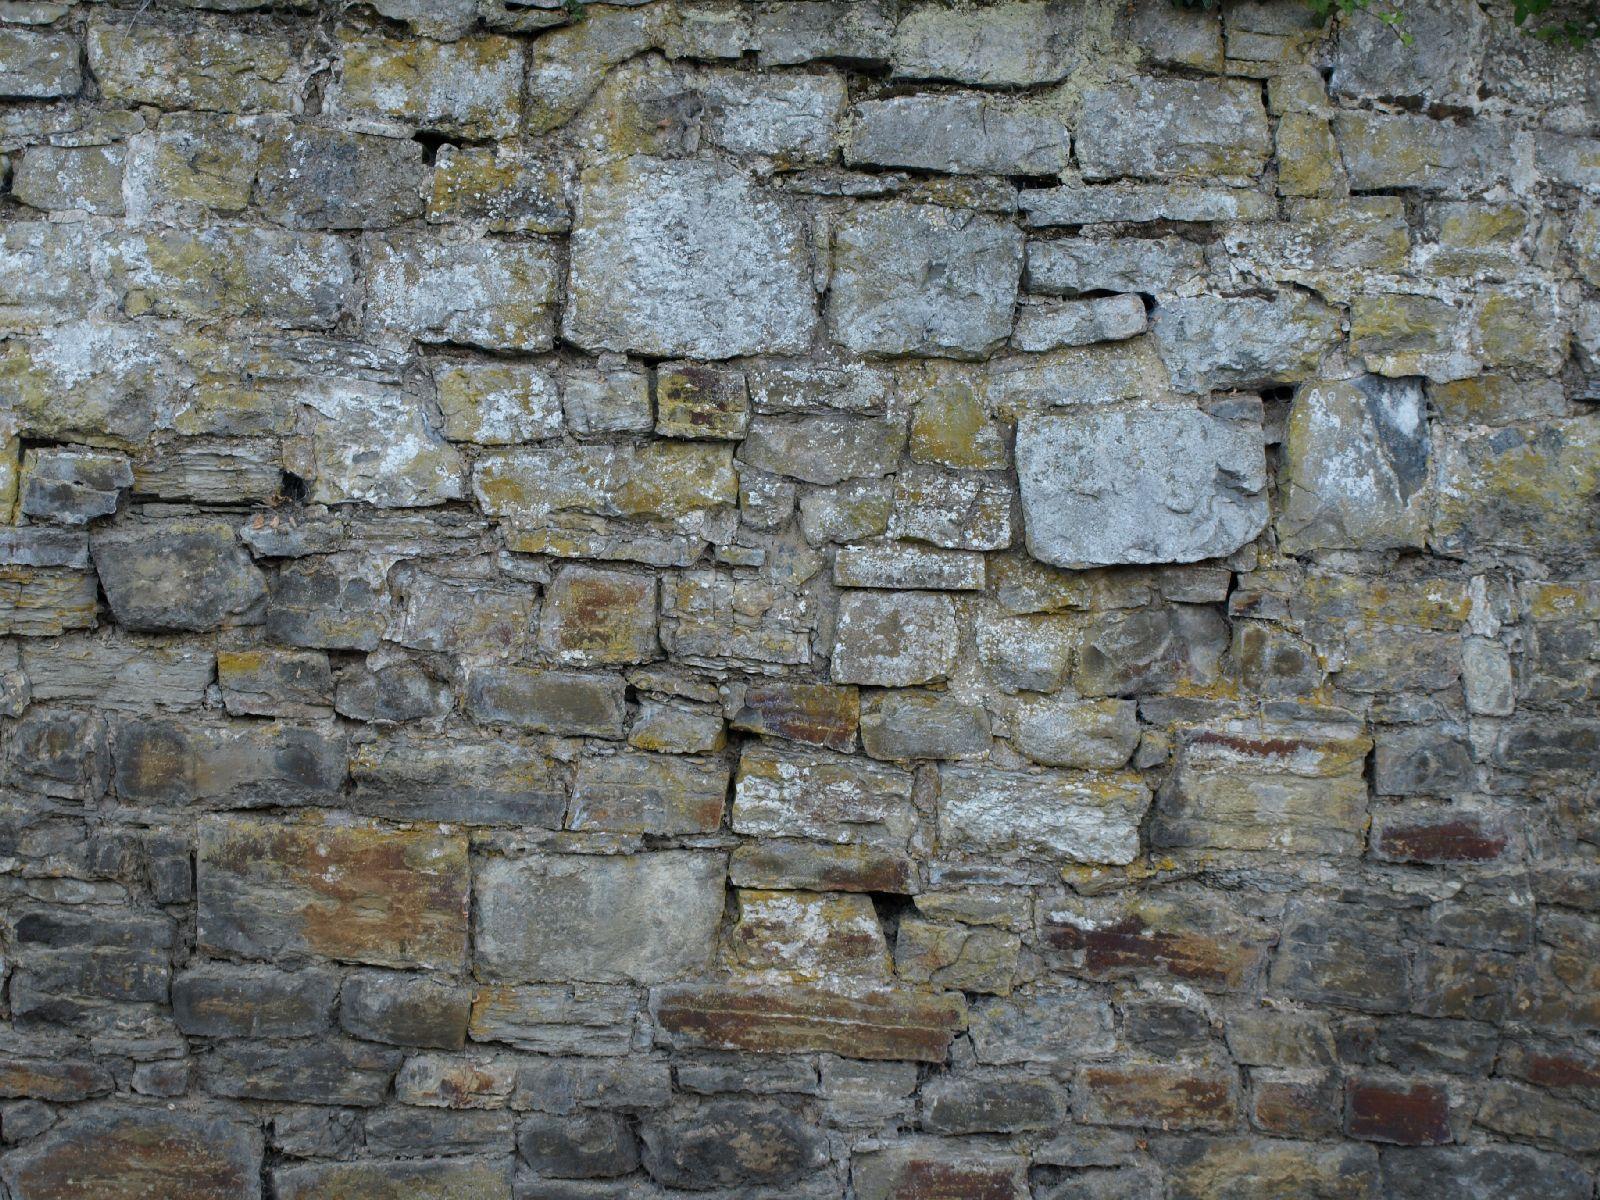 Brick_Texture_A_P8164424